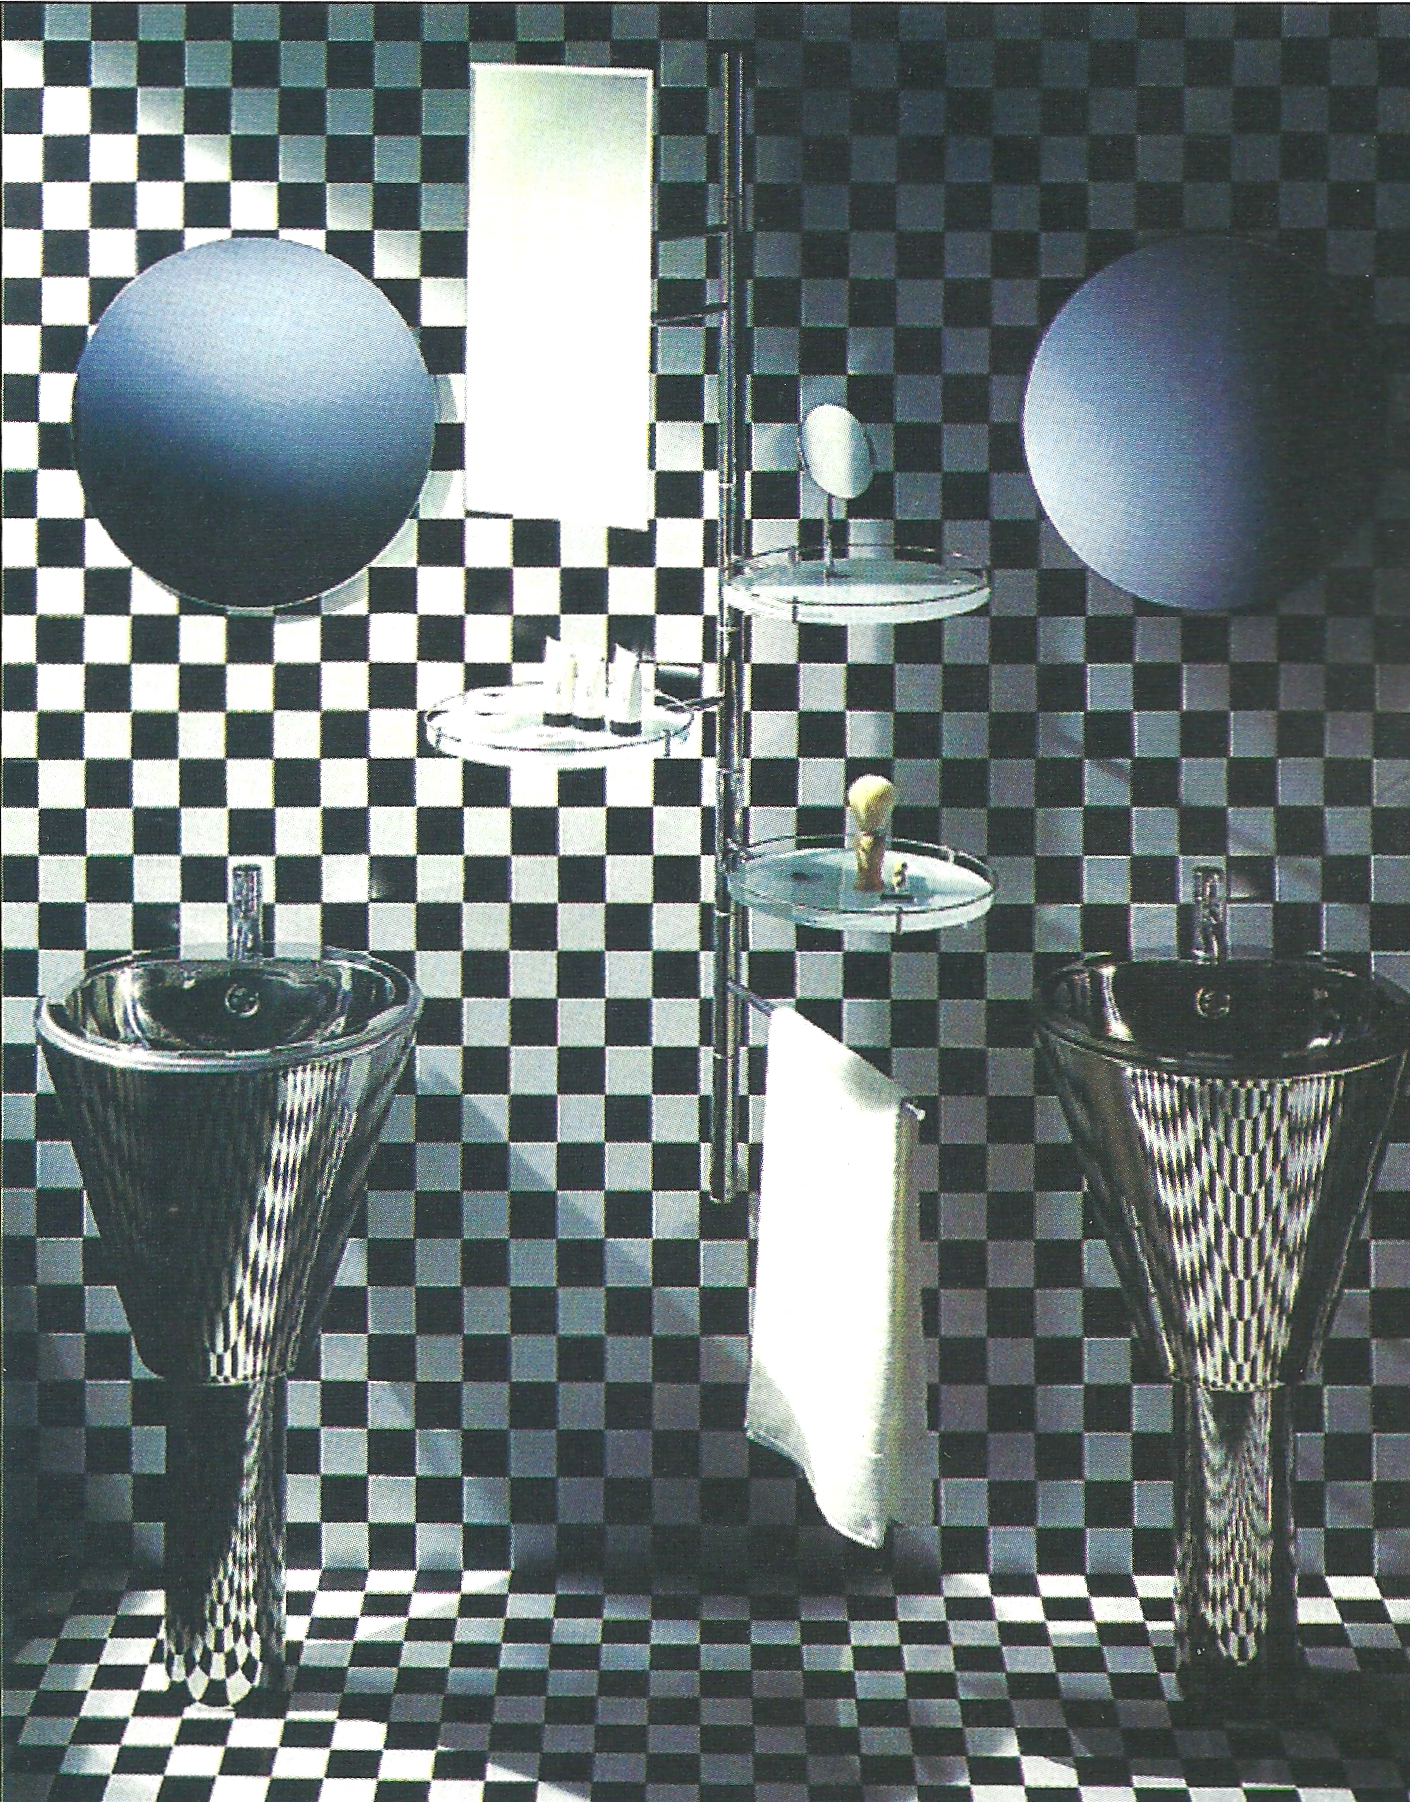 fot. Il bagno 04.jpg